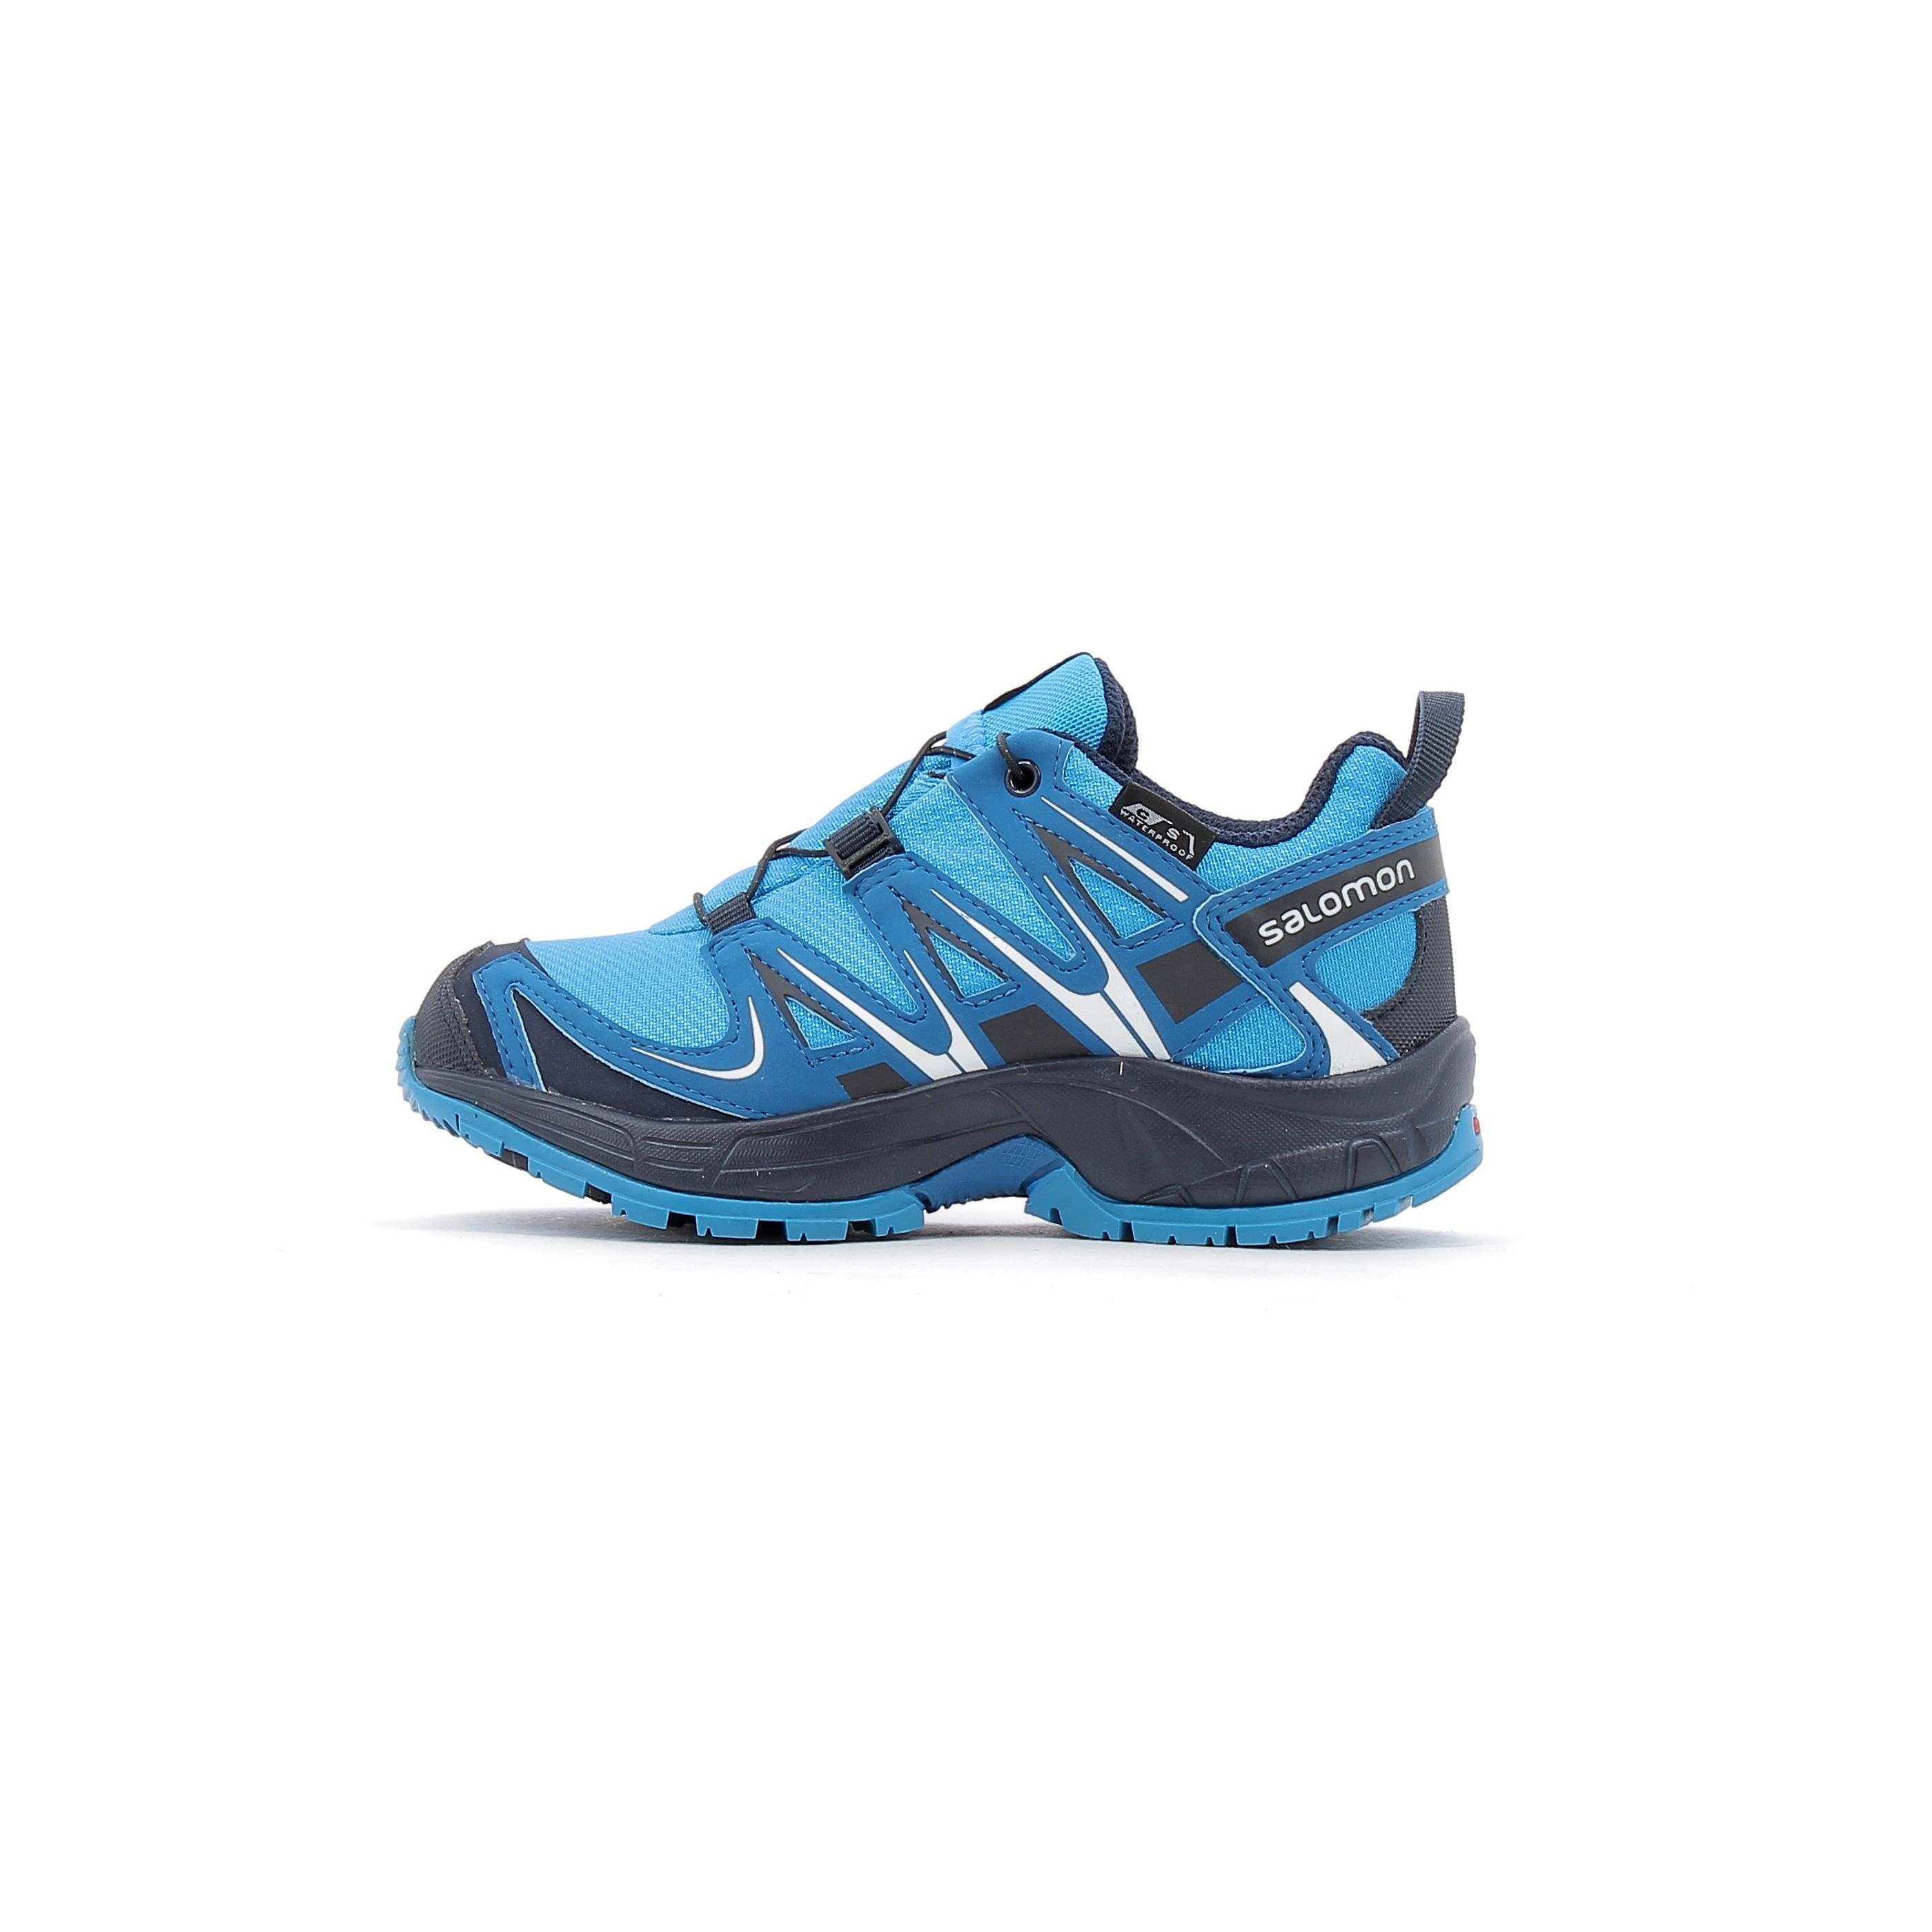 farblich passend Sonderteil schöner Stil Chaussure de randonnée junior Salomon XA PRO 3D CSWP Kid